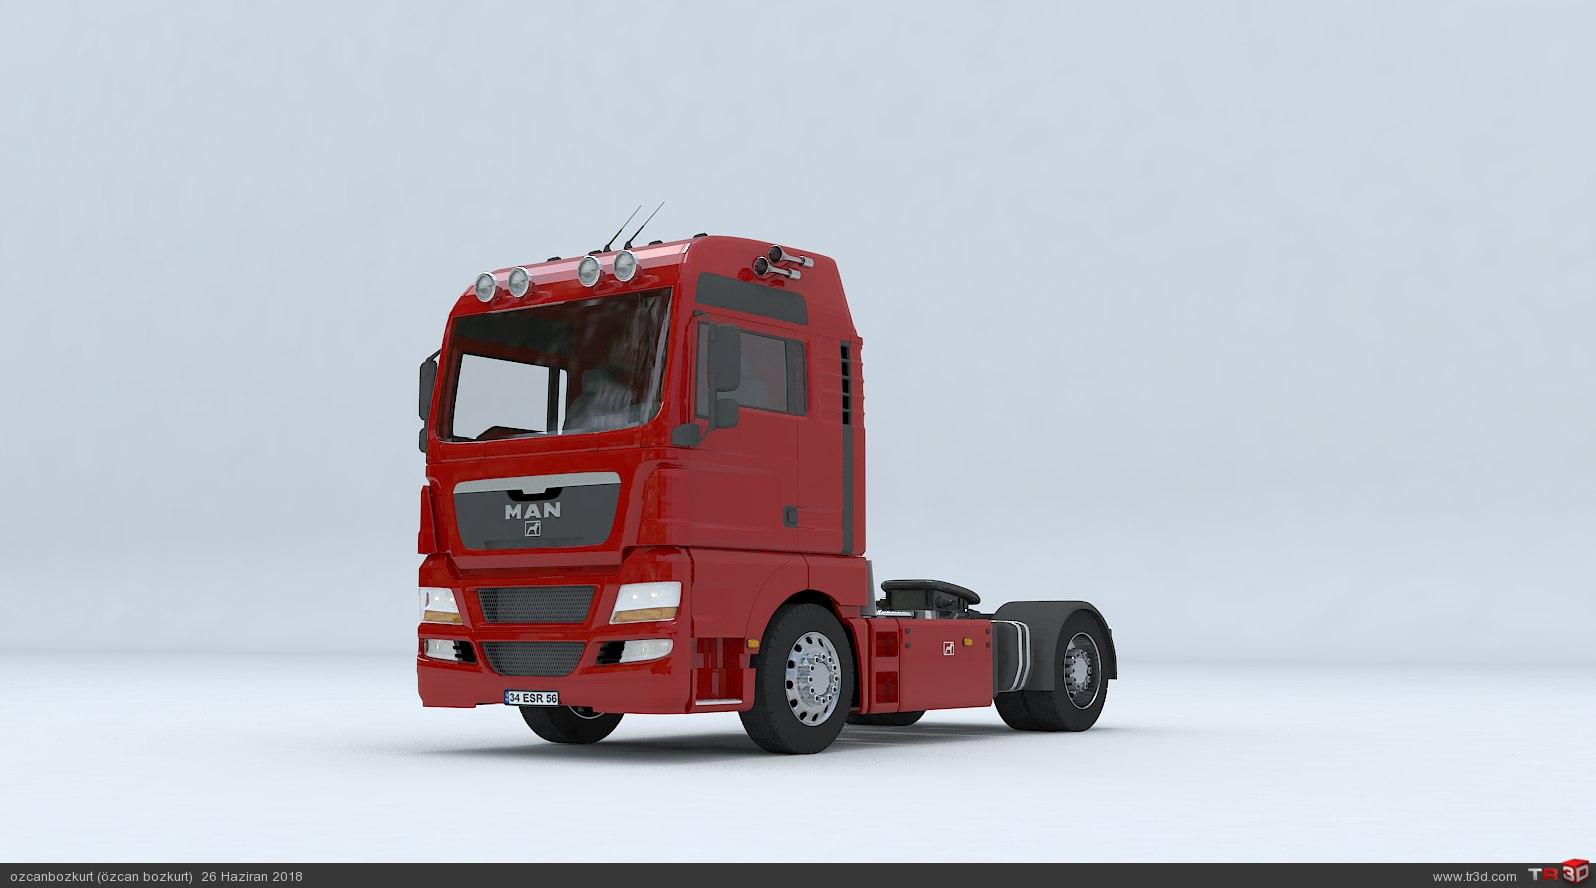 MAN TGX D38 TRUCK - Tractor 3